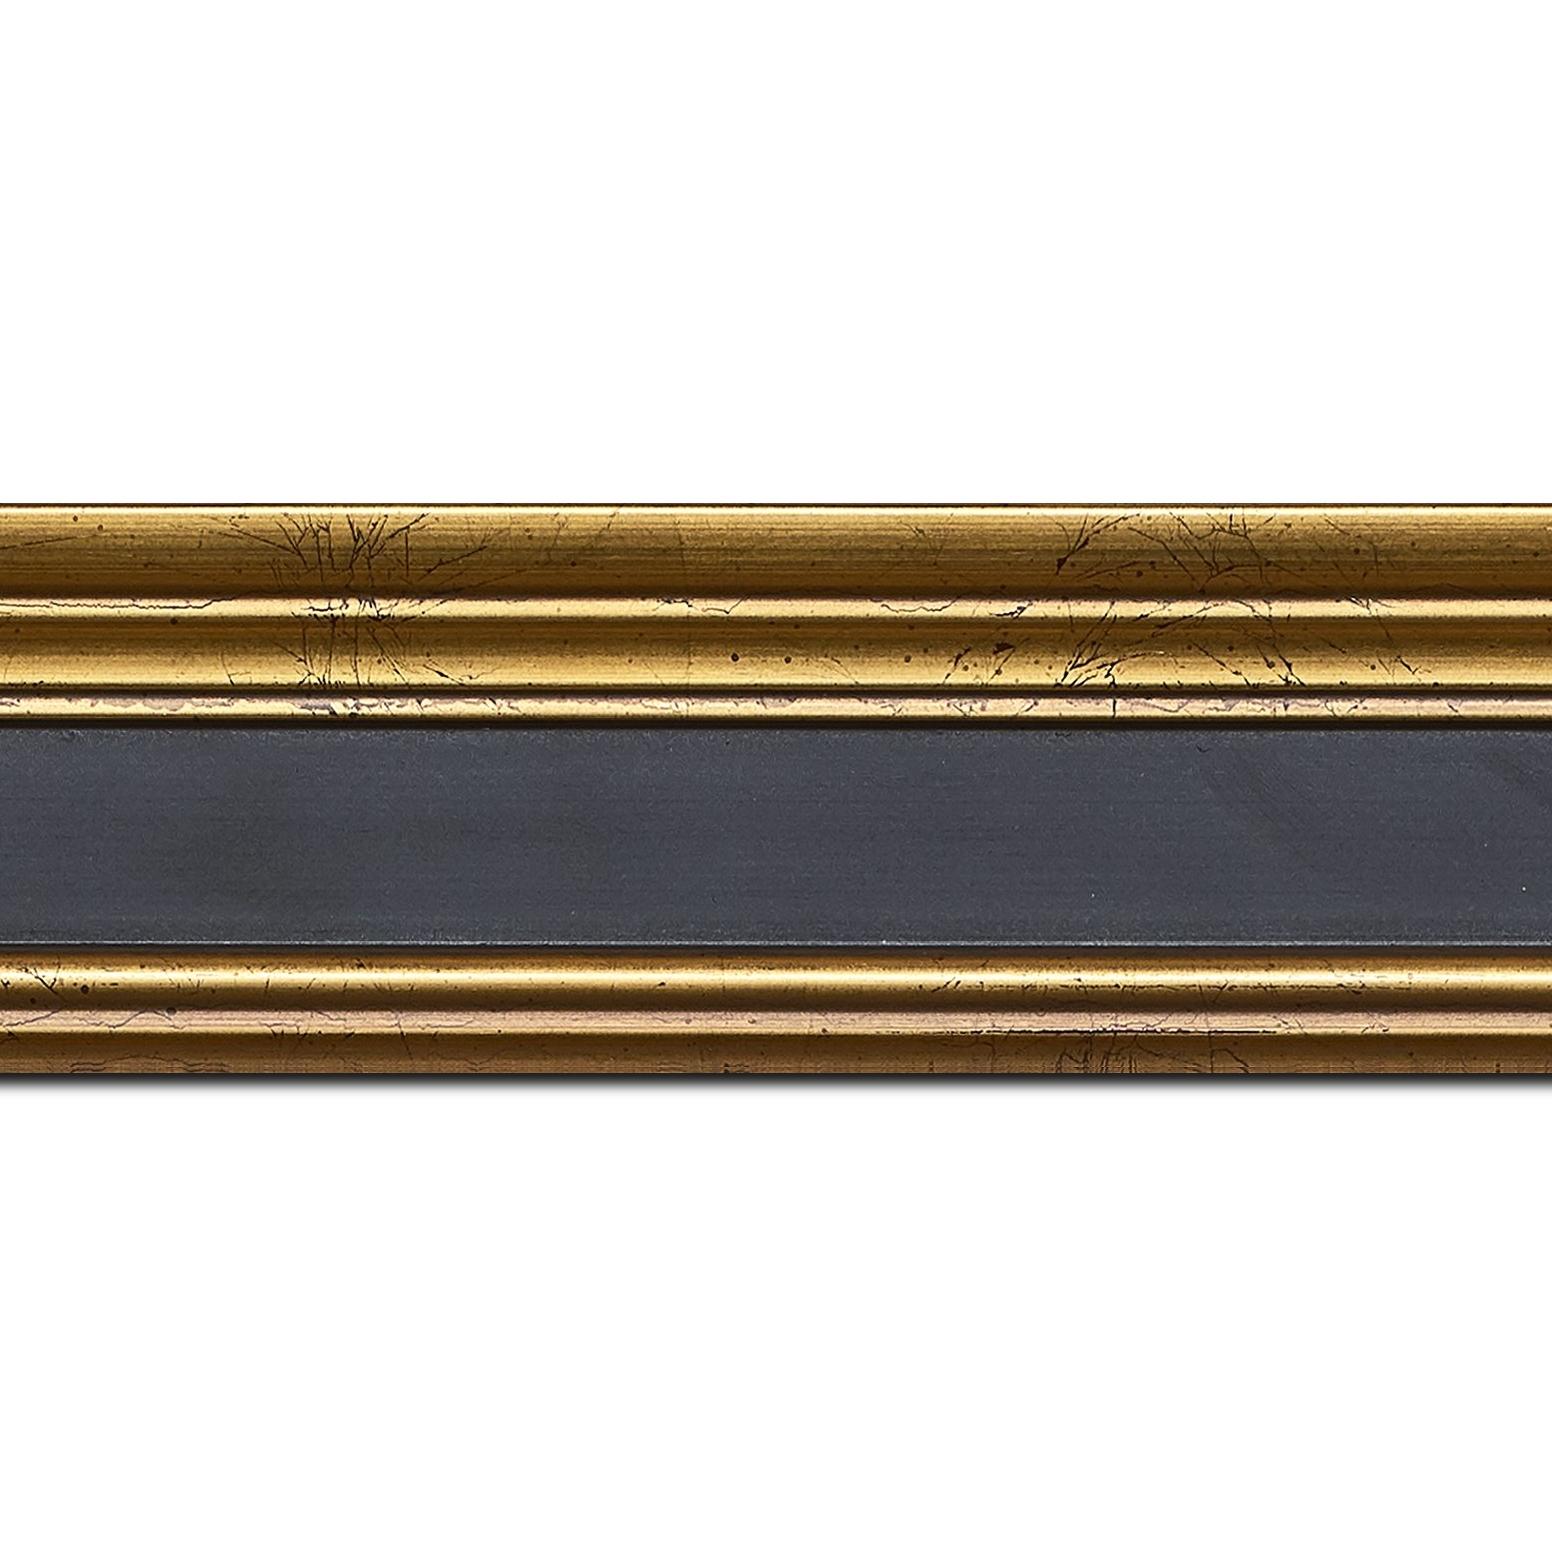 Baguette longueur 1.40m bois profil braque largeur 5.2cm or patiné gorge noire antique